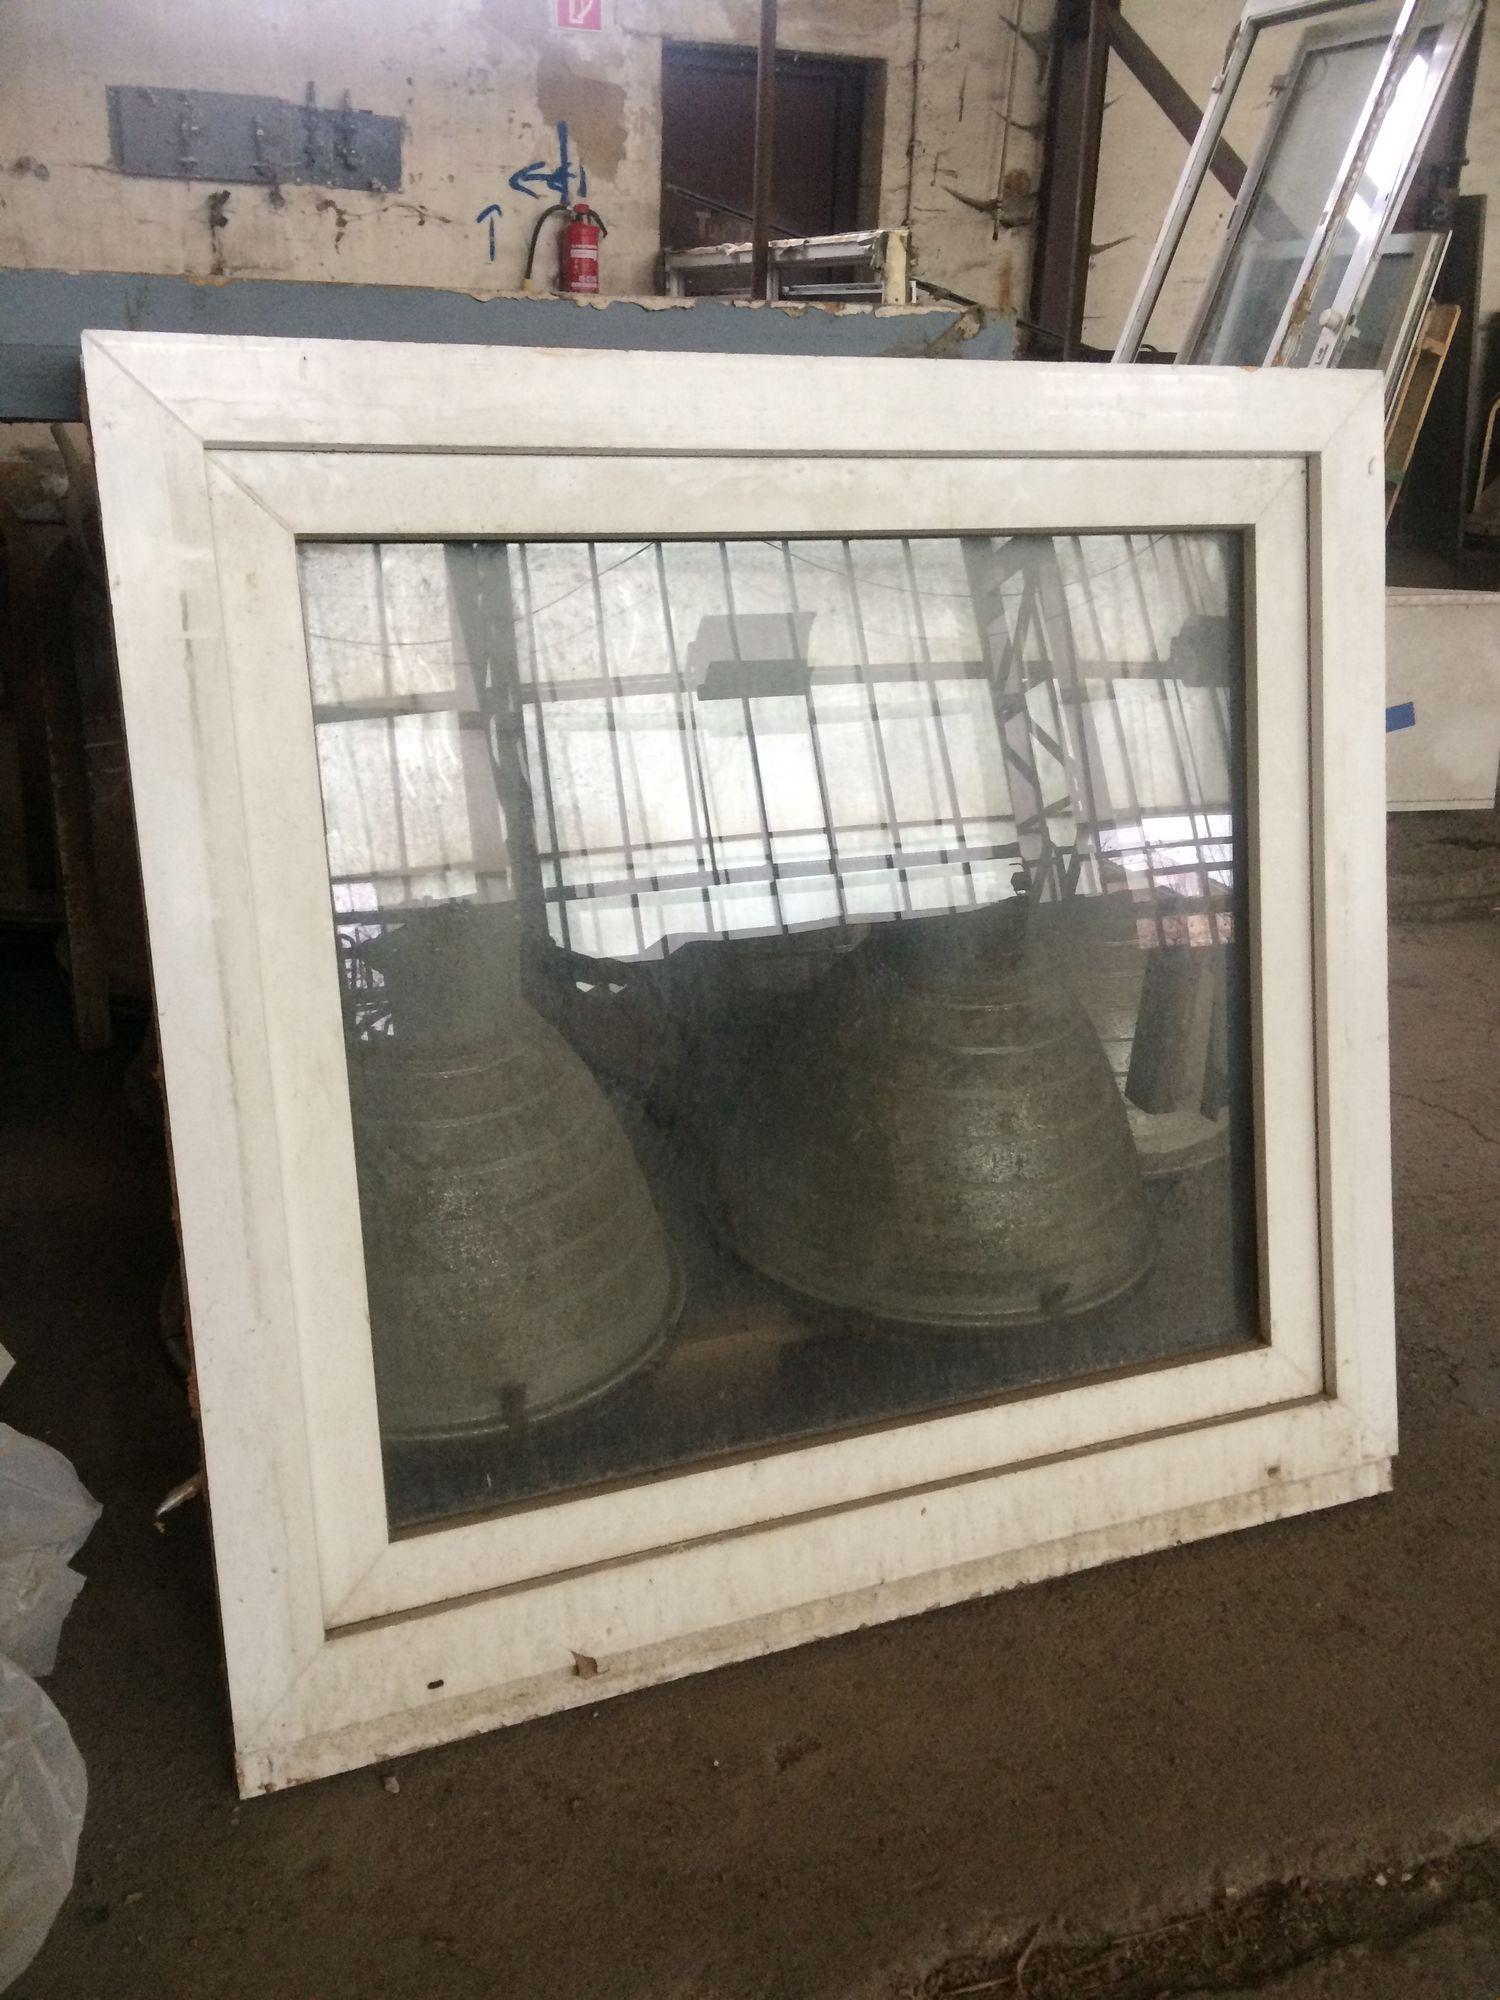 Full Size of Kunststoff Fenster Ca 97x100cm Austauschen Kosten Dachschräge Sonnenschutz Alte Kaufen Günstig Aco Polnische Standardmaße Neue Gitter Einbruchschutz Sichern Fenster Fenster Kunststoff